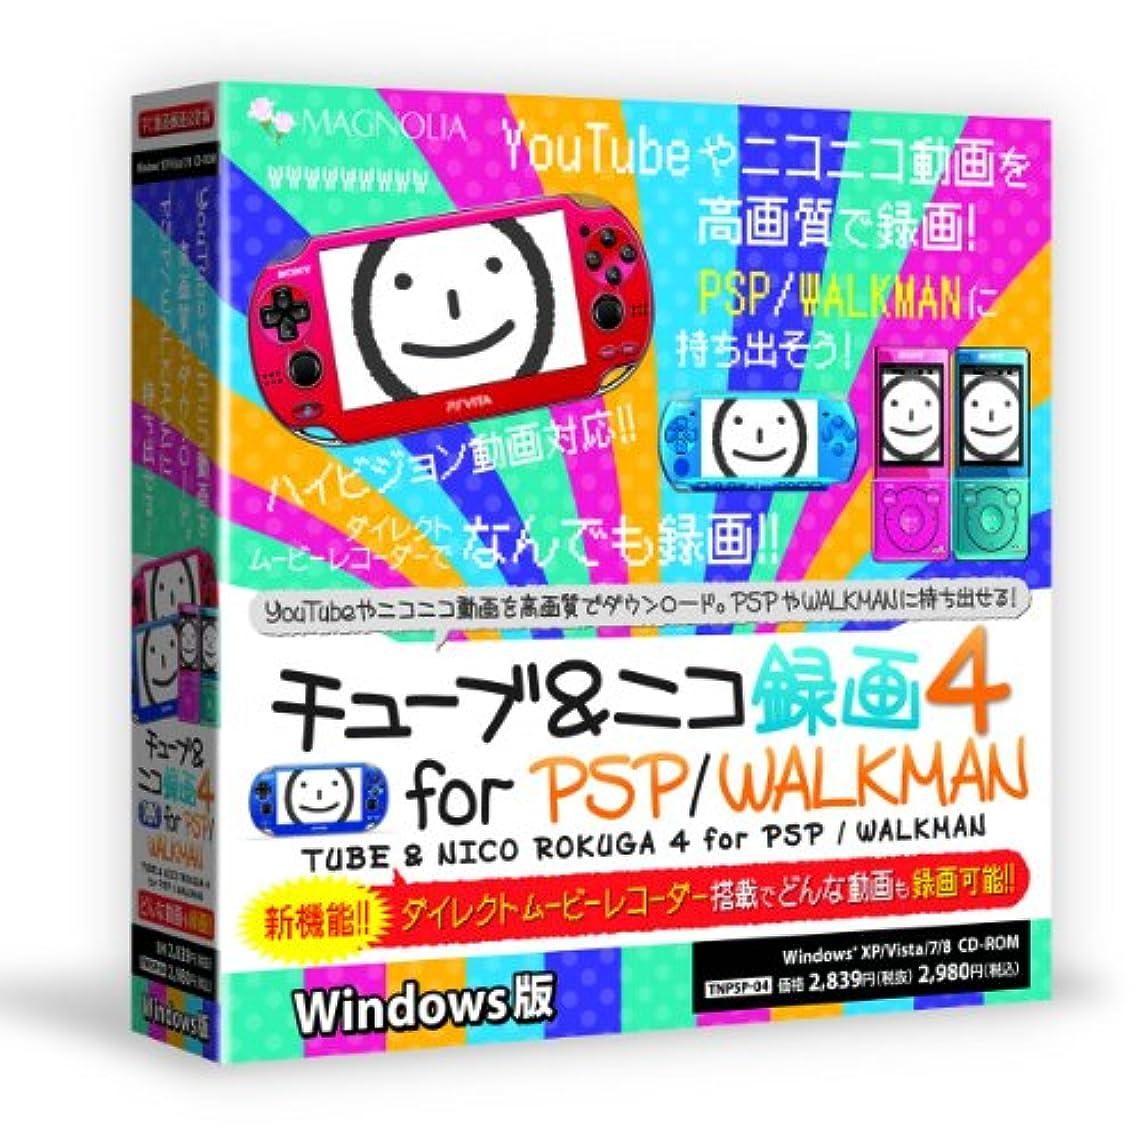 マリナー一流ラショナルチューブ&ニコ録画4 for PSP&WALKMAN